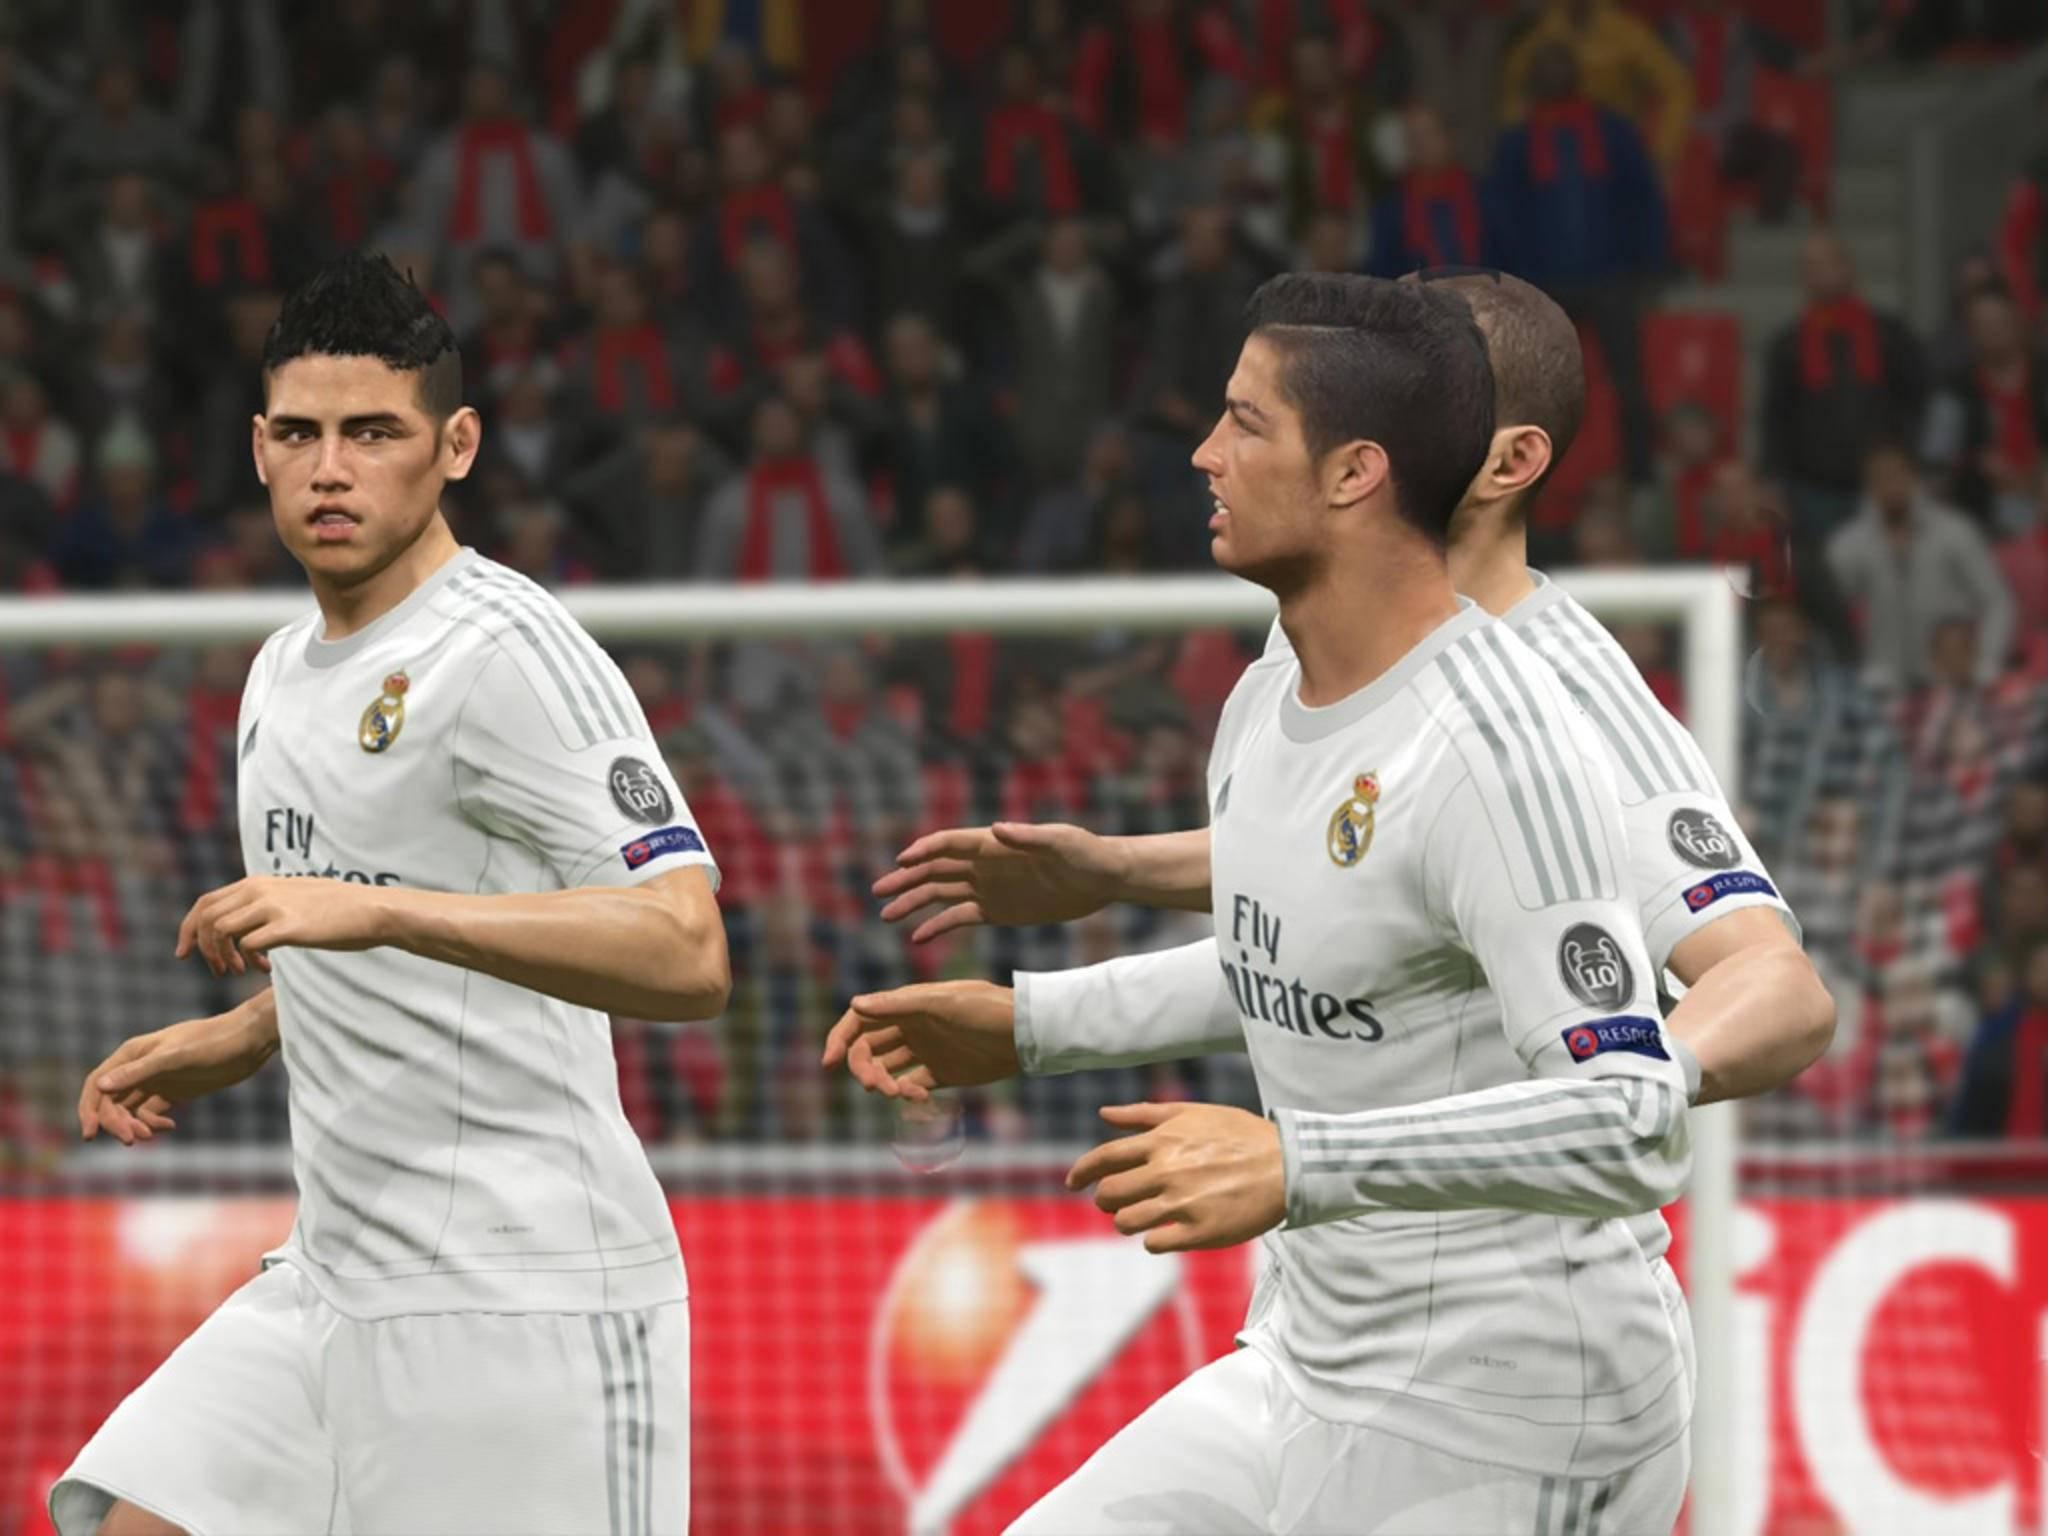 Die Fußballhelden von Real Madrid.